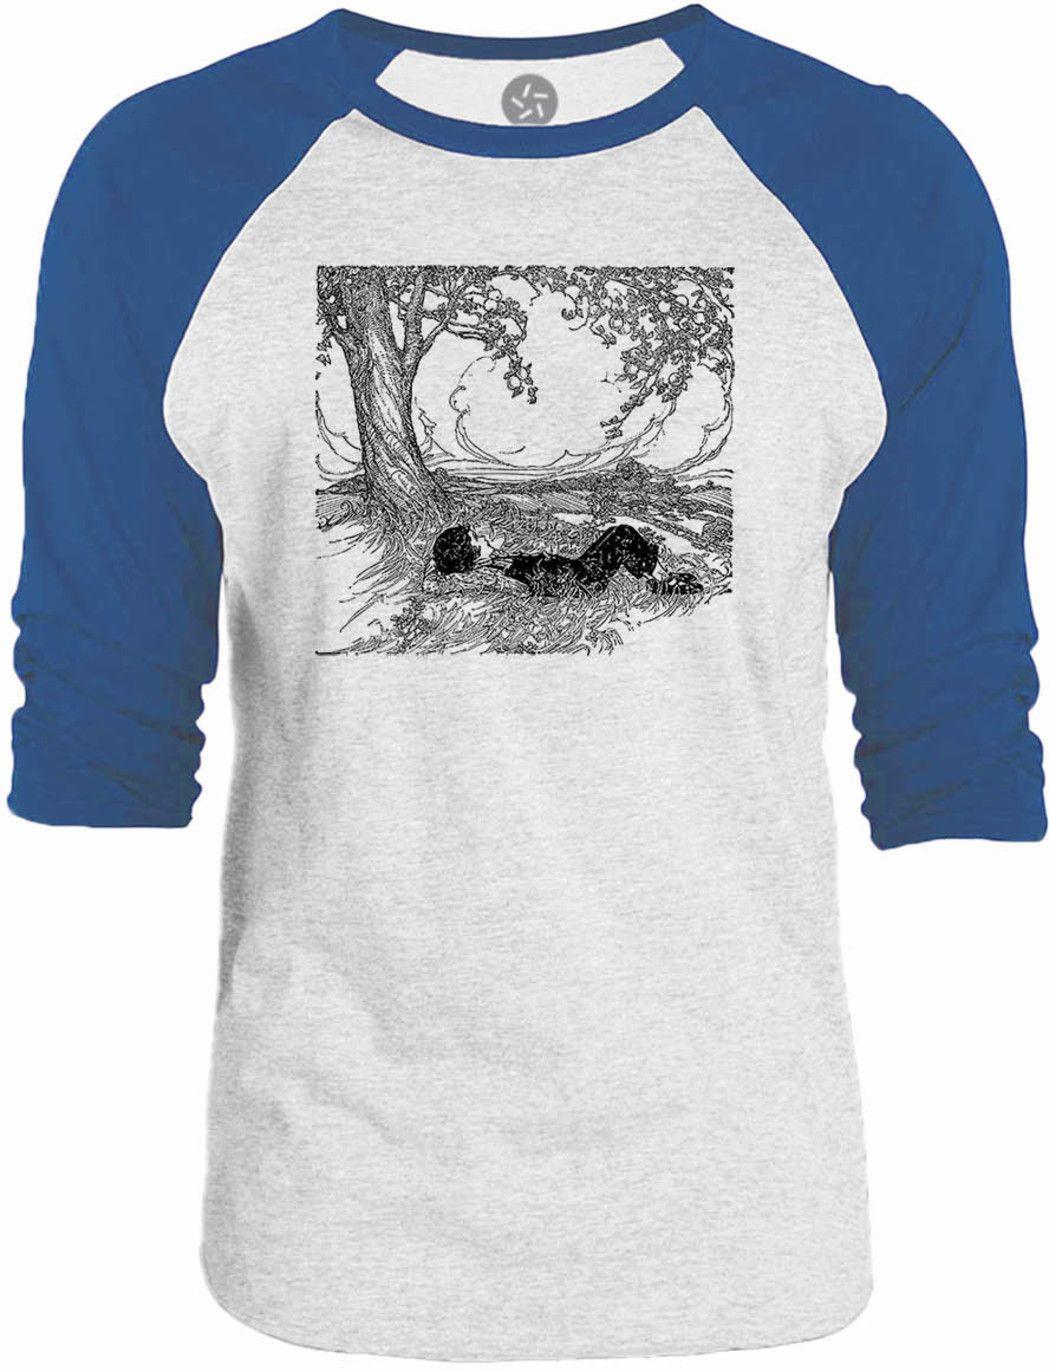 Big Texas Laying under a Tree 3/4-Sleeve Raglan Baseball T-Shirt